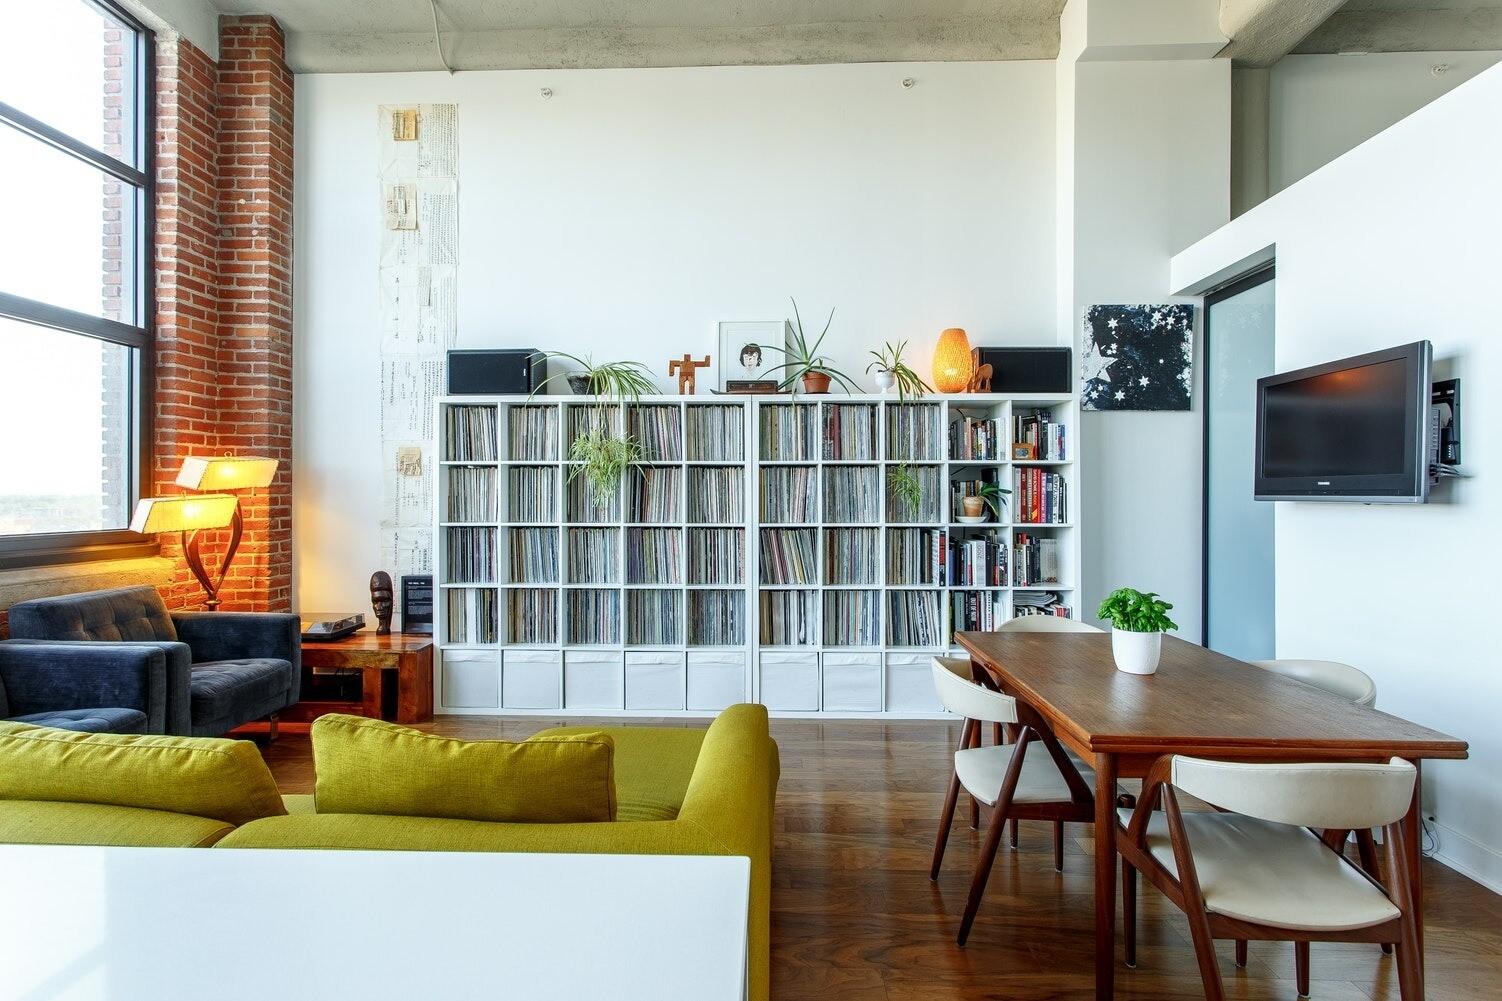 План расстановки мебели в комнатах: объясняем, как сделать все правильно